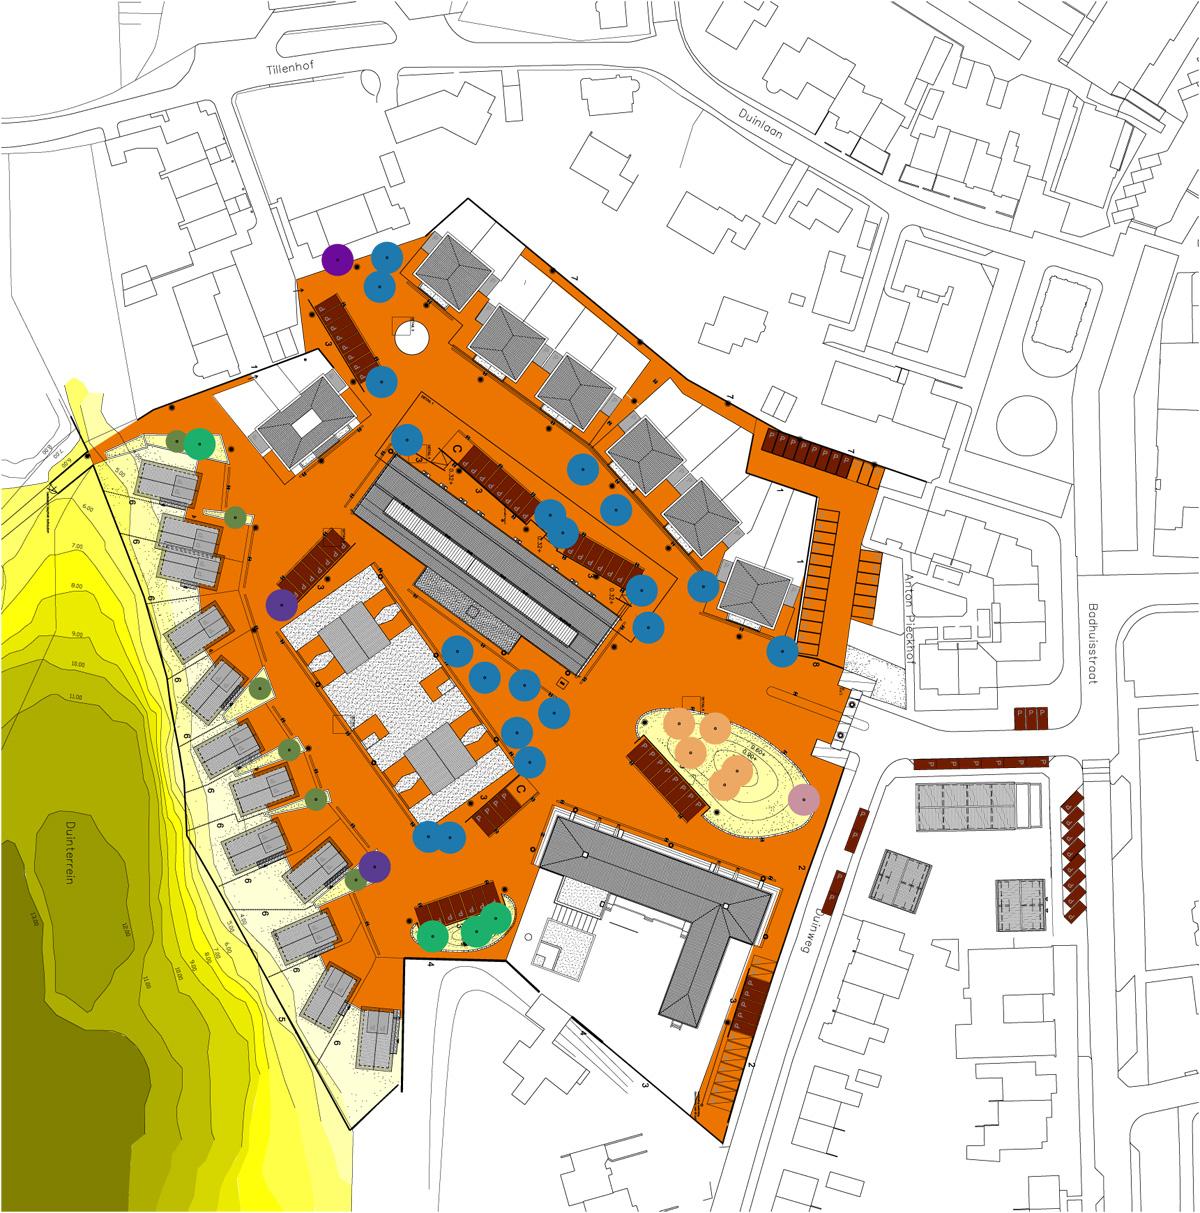 diekman-Landschapsarchitecten_huisduinen-den-helder_Plan_25maart2010